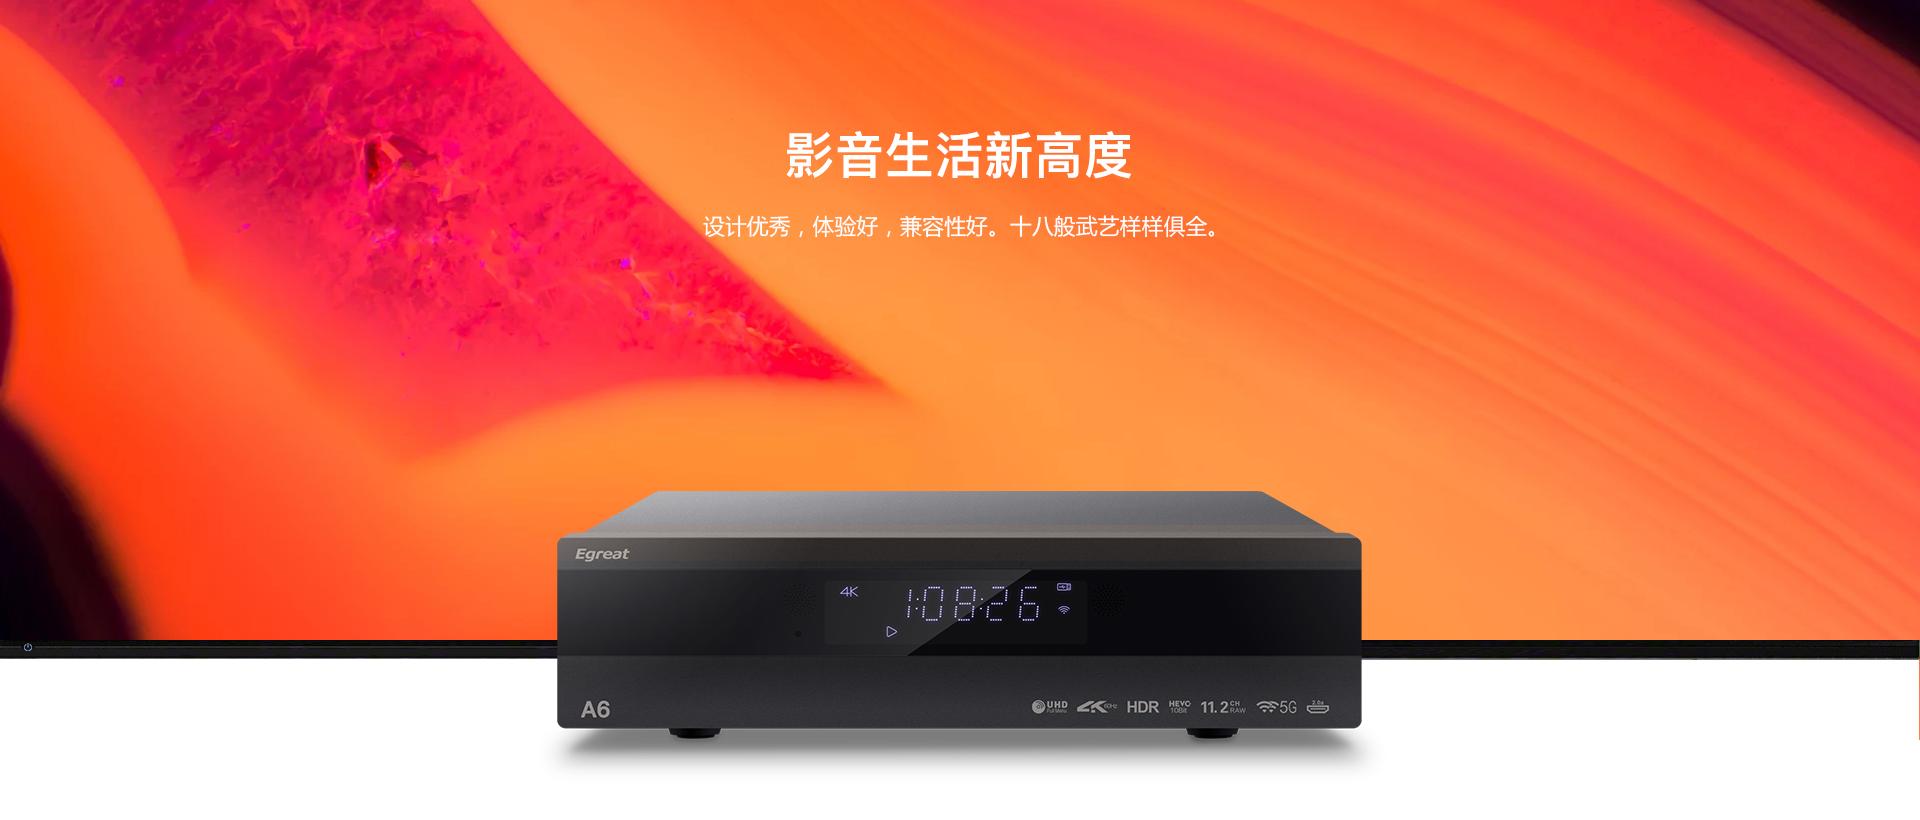 如何播放3d蓝光原盘_A6 4K蓝光硬盘播放机 | 亿格瑞官网 | 高清播放器 | 私人影院 | 家庭 ...